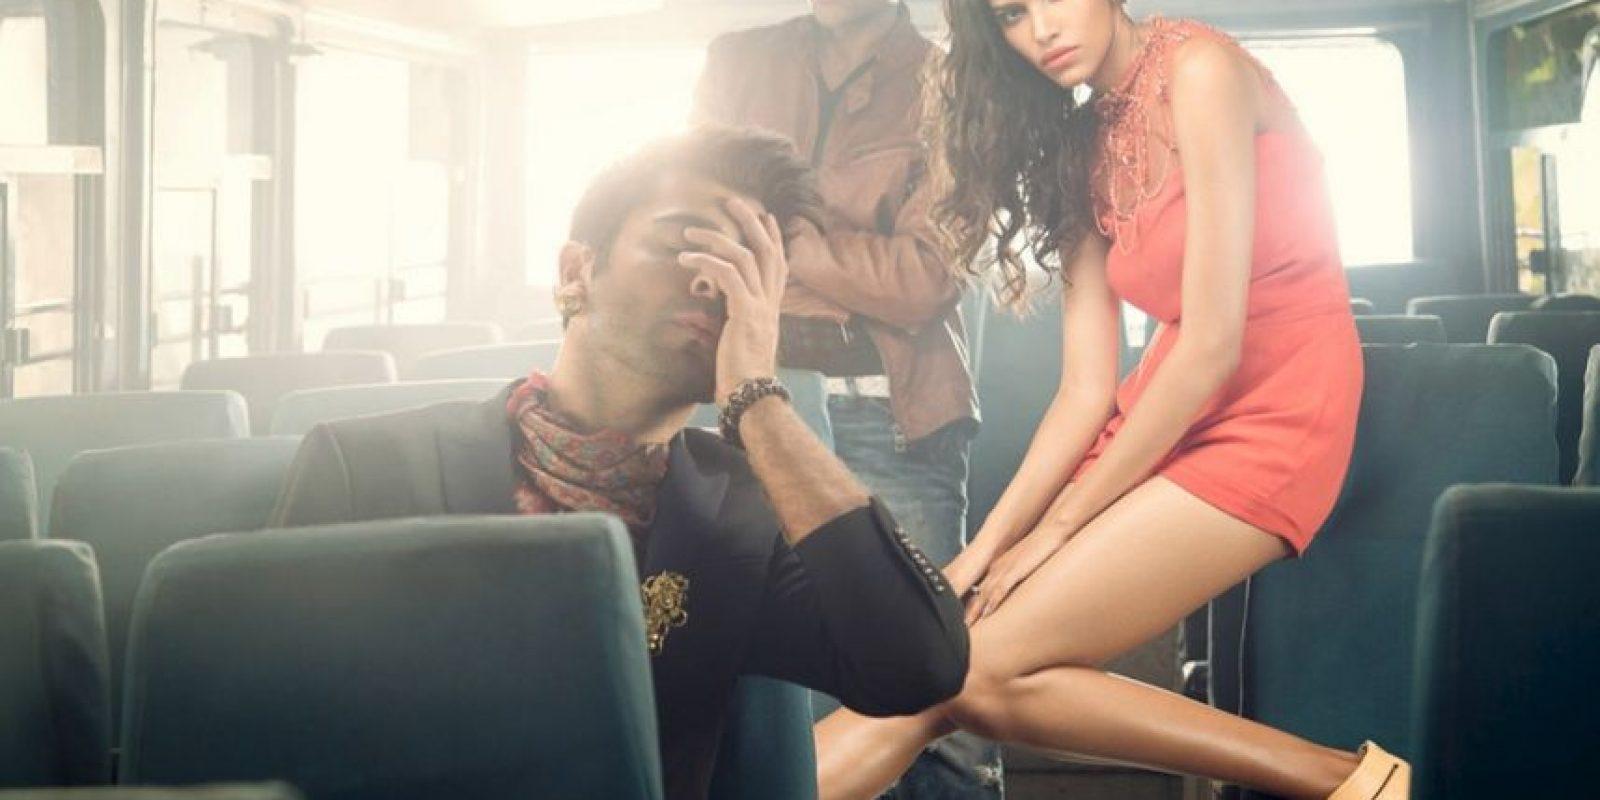 El fotógrafo tuvo que aclarar que denunciaba el problema Foto:Raj Shetye